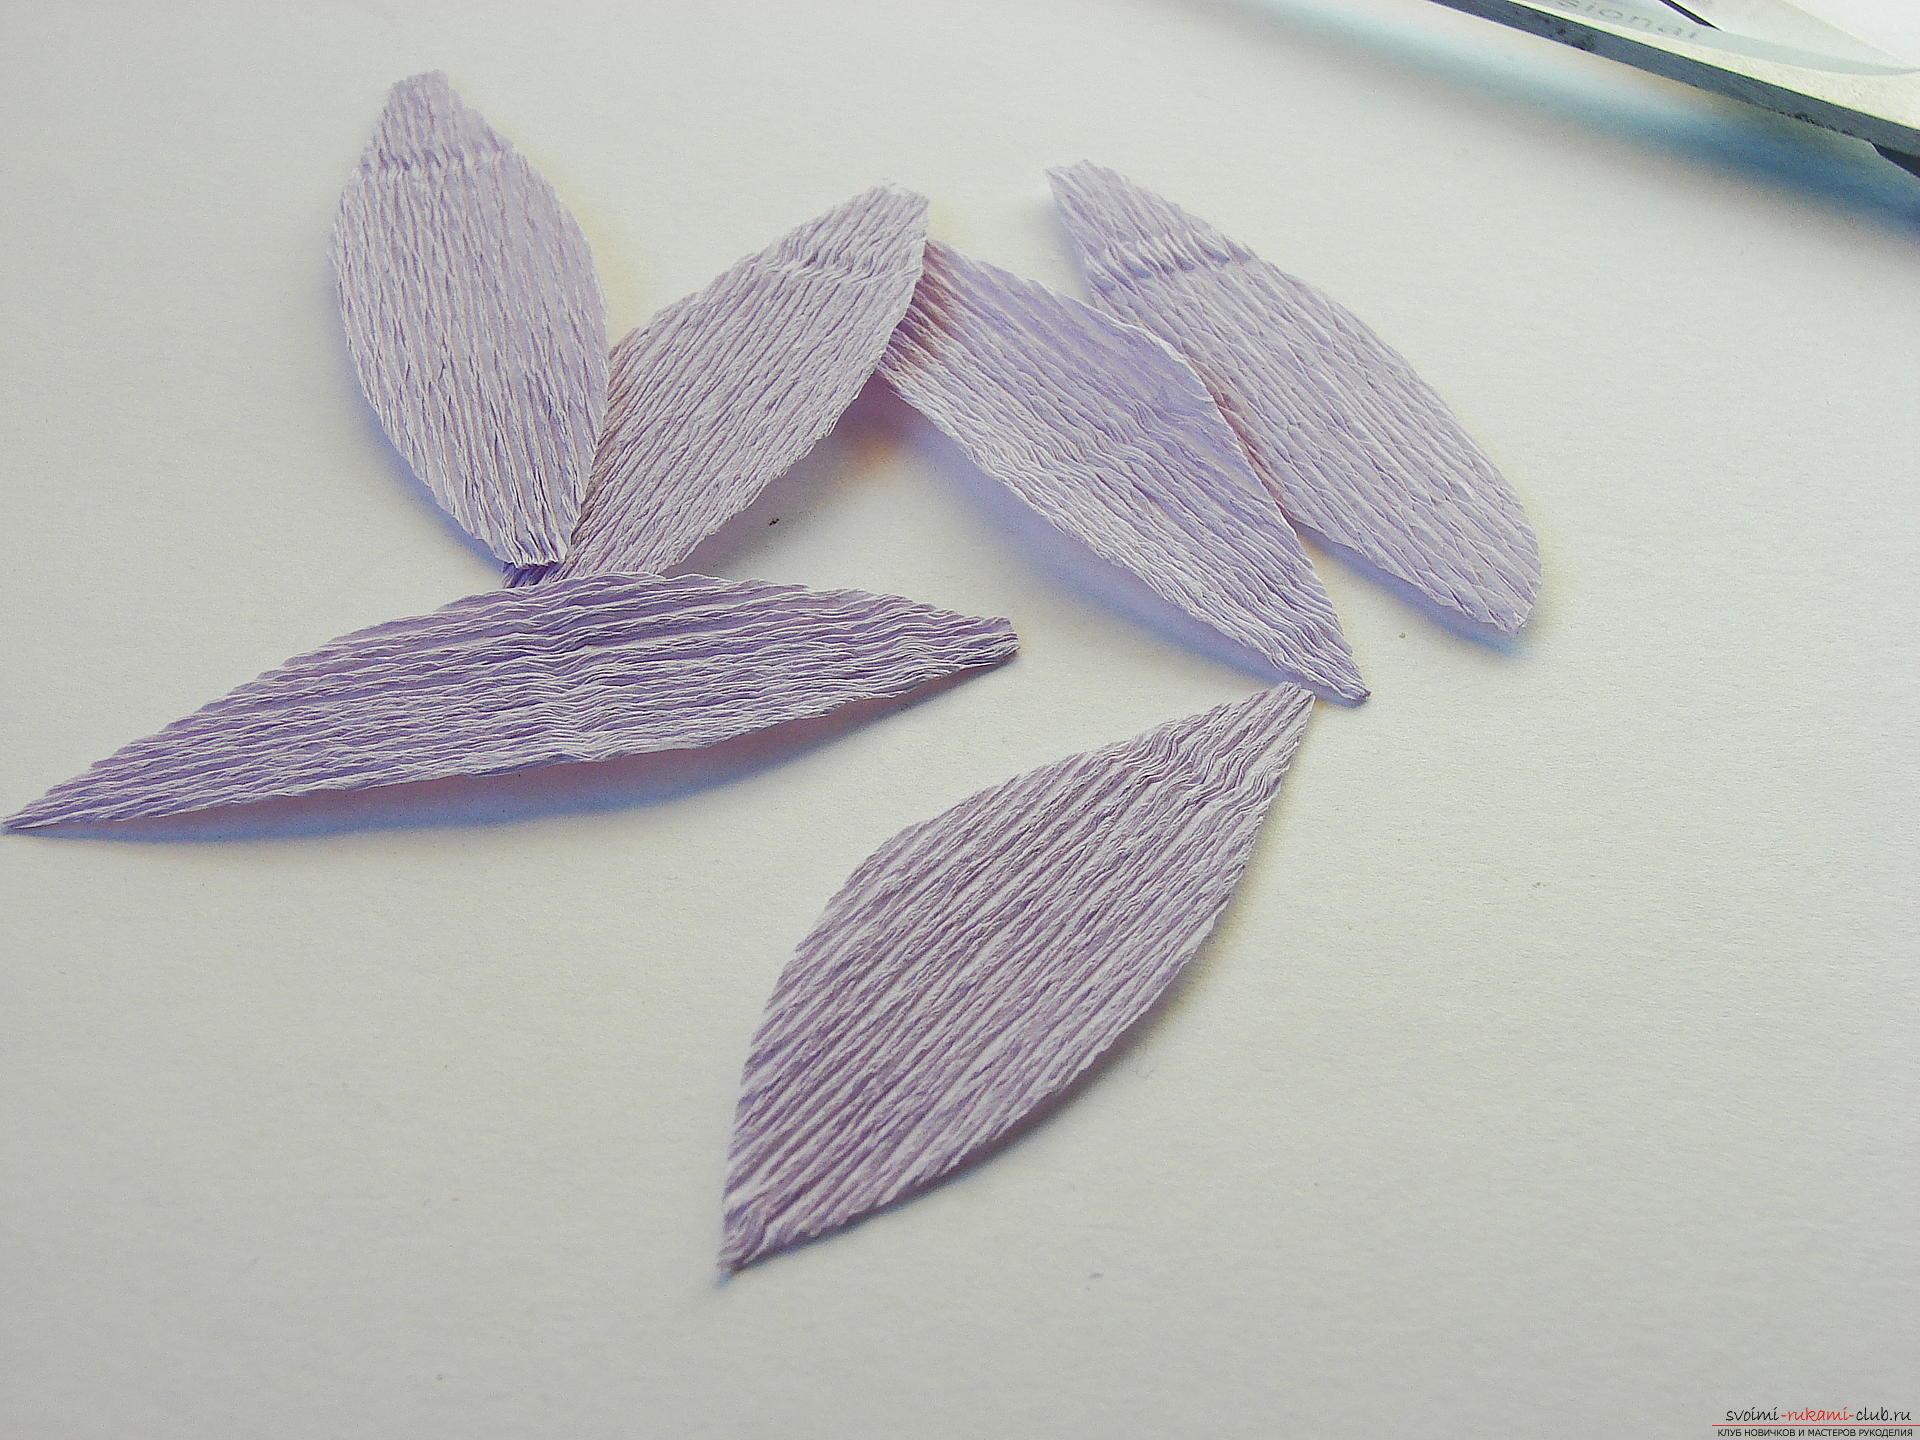 Мастер-класс научит как сделать гофрированные цветы своими руками – лилии из гофрированной бумаги.. Фото №5